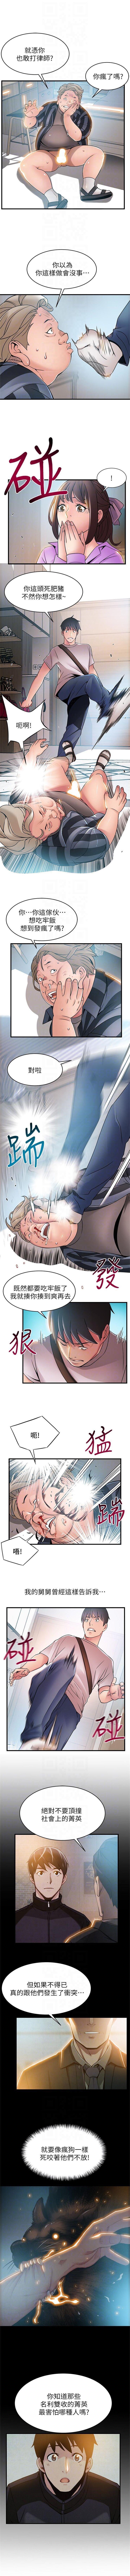 (週7)弱點 1-76 中文翻譯(更新中) 216